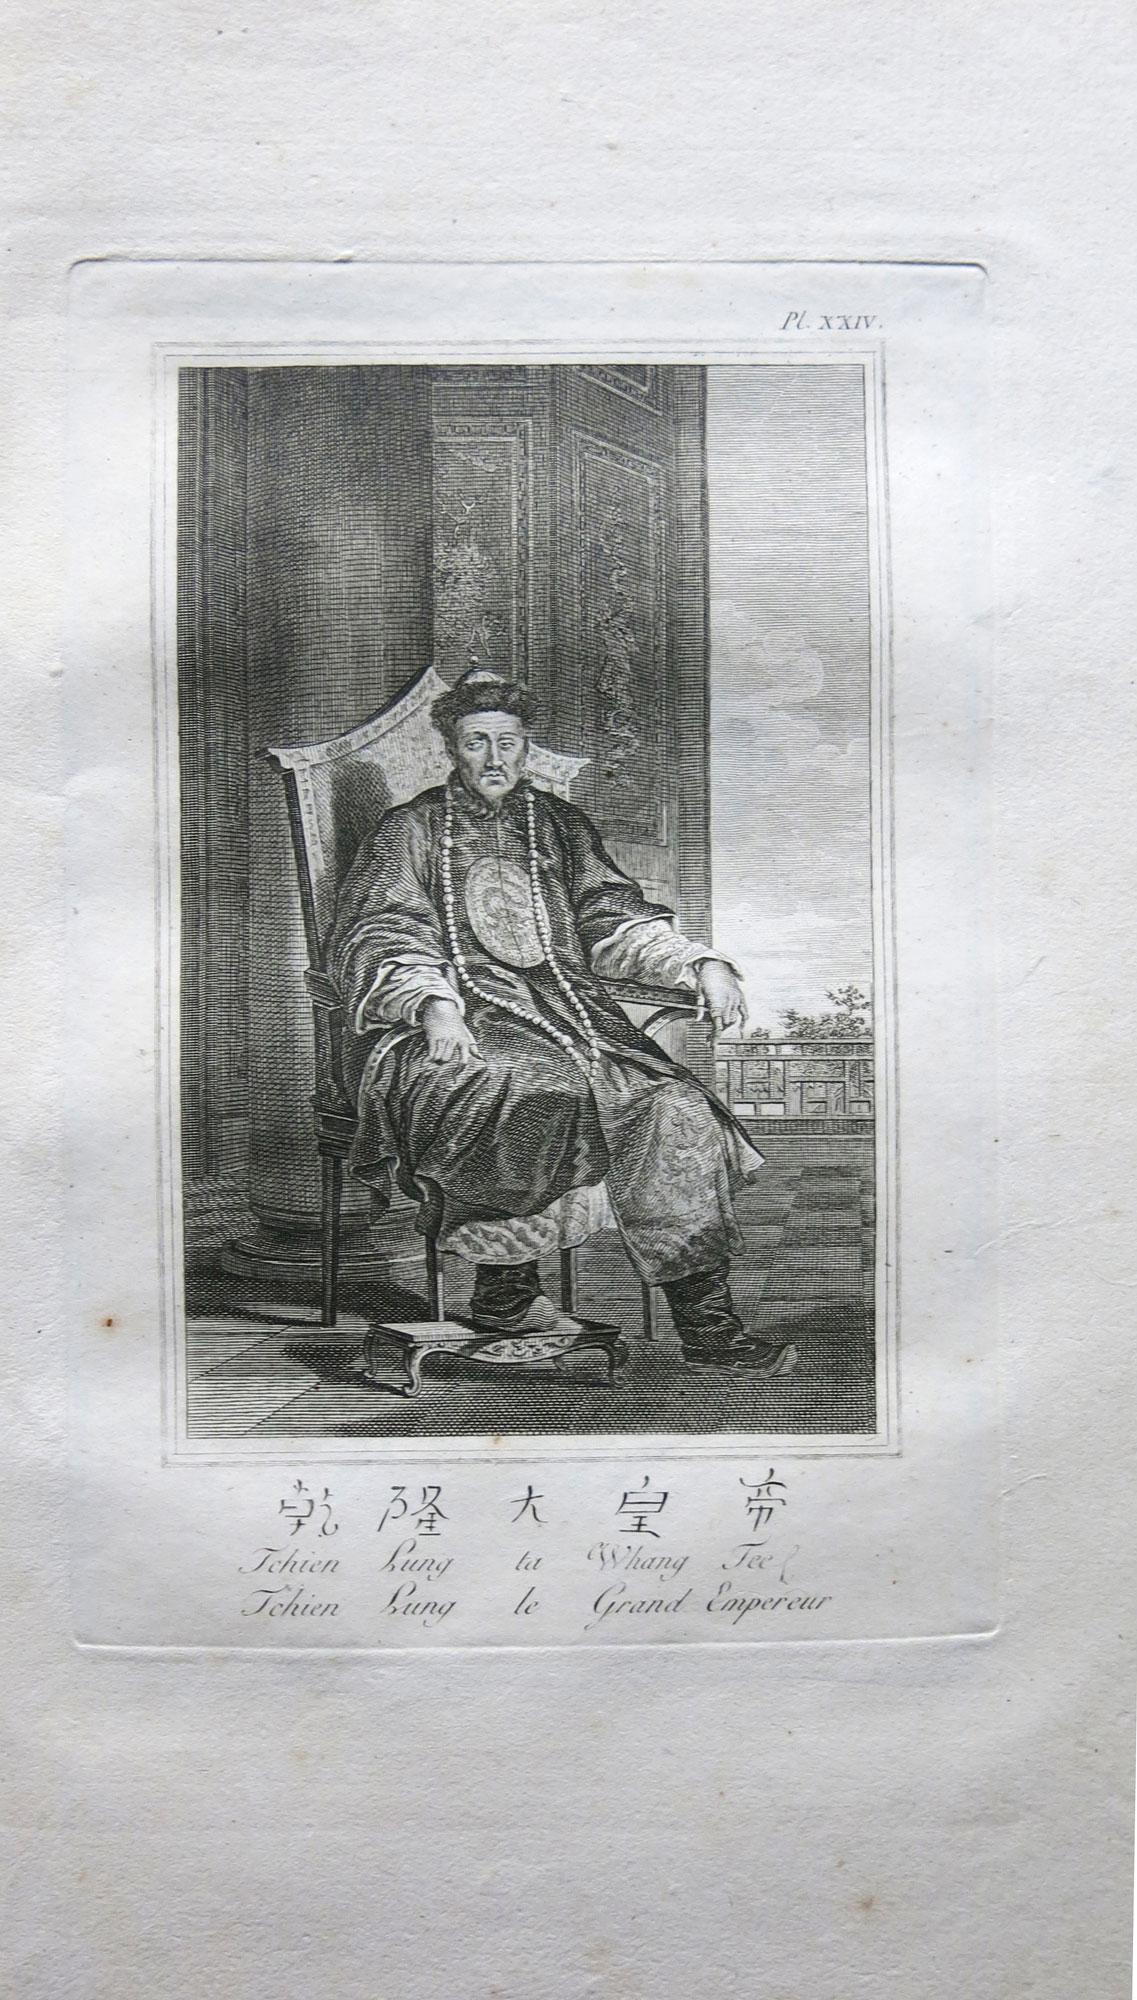 Voyage dans l'intérieur de la Chine, et en Tartarie, fait dans les années 1792, 1793 et 1794, par Lord Macartney, ambassadeur du roi d'Angleterre auprès de l'empereur de Chine